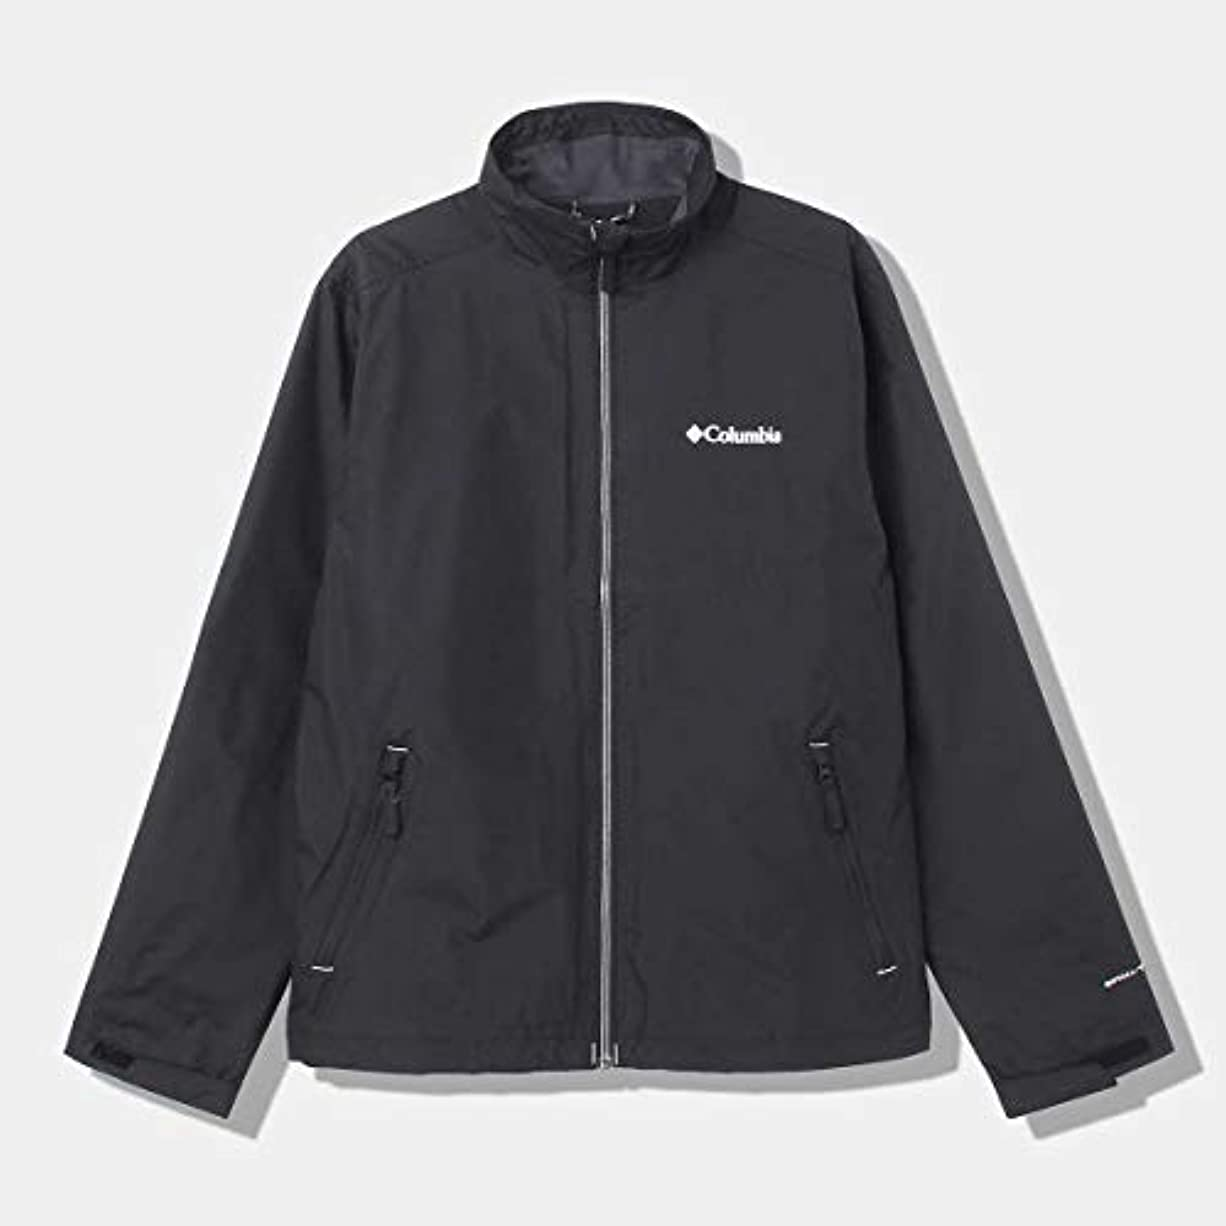 知覚時間基本的なColumbia(コロンビア)ブラッドリーピークジャケット レインウェア ジャケット メンズ WE0049